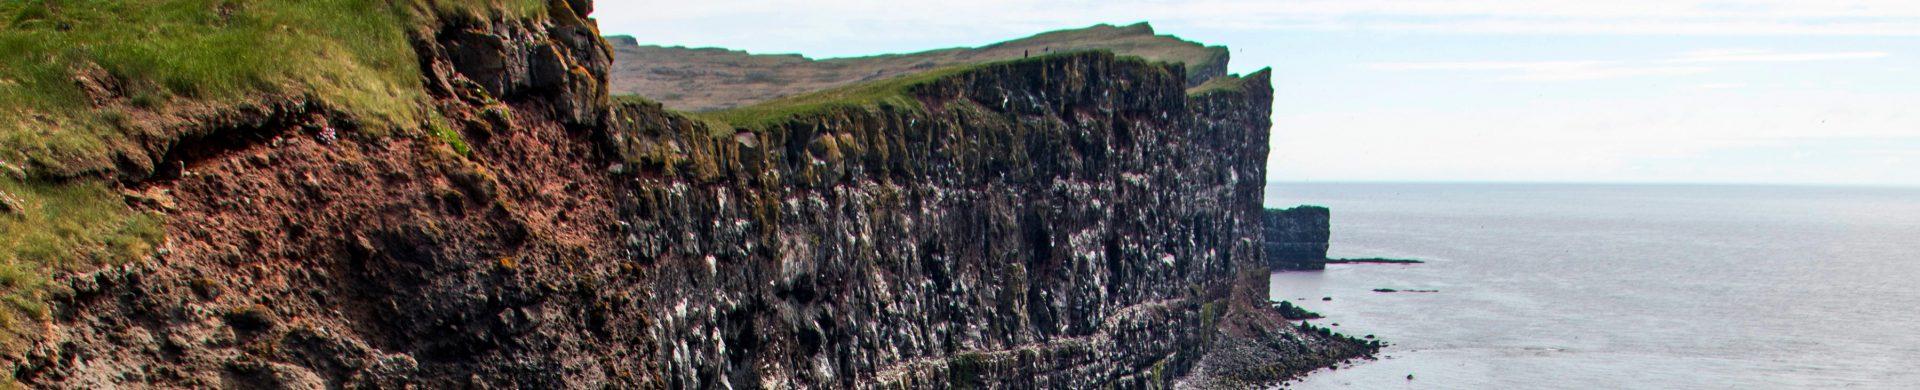 Látrabjarg, la falaise aux oiseaux dans l'Ouest de l'Islande